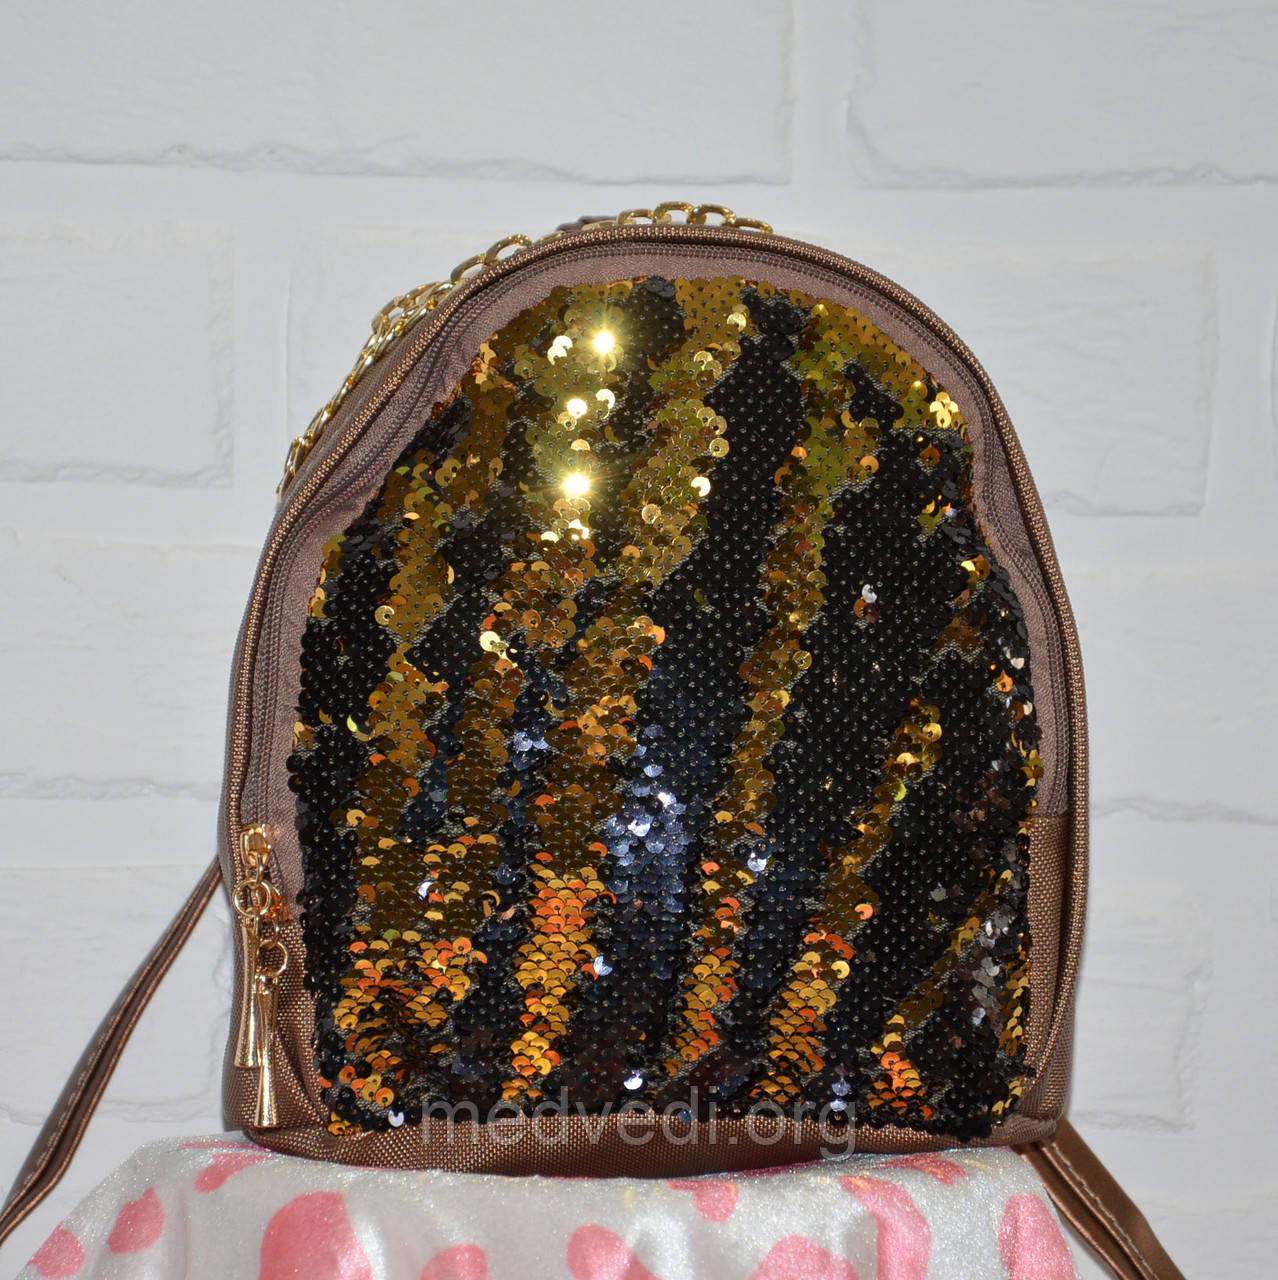 Рюкзак с пайетками двусторонними, женский золотой молодежный рюкзачок черно-золотая пайетка